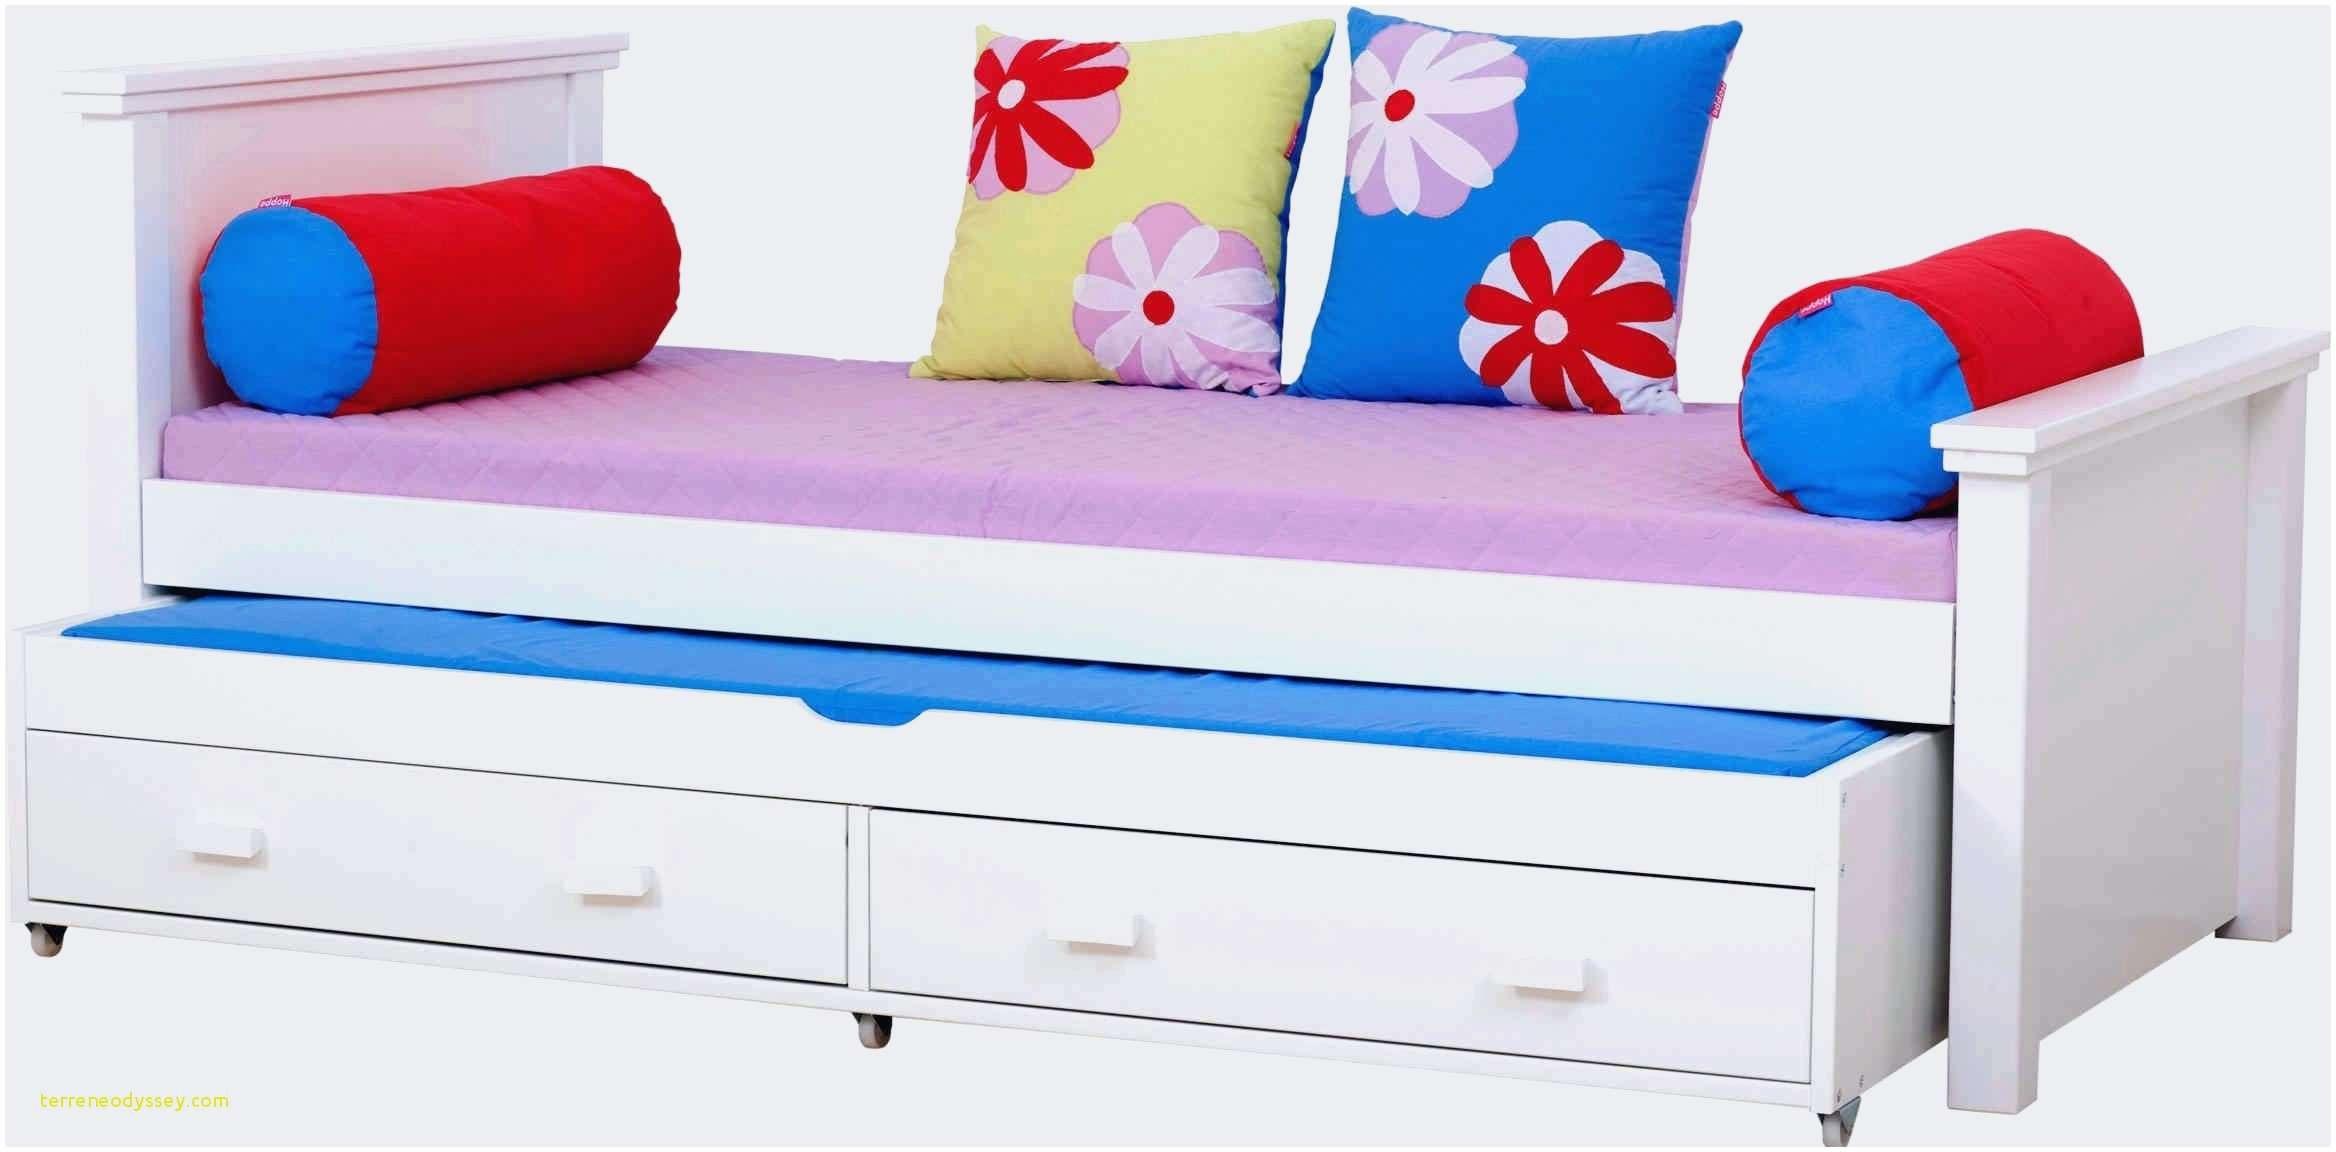 Lit Une Personne Ikea Génial Frais Résultat Supérieur 70 Incroyable Lit Clic Clac Stock 2018 Hzt6